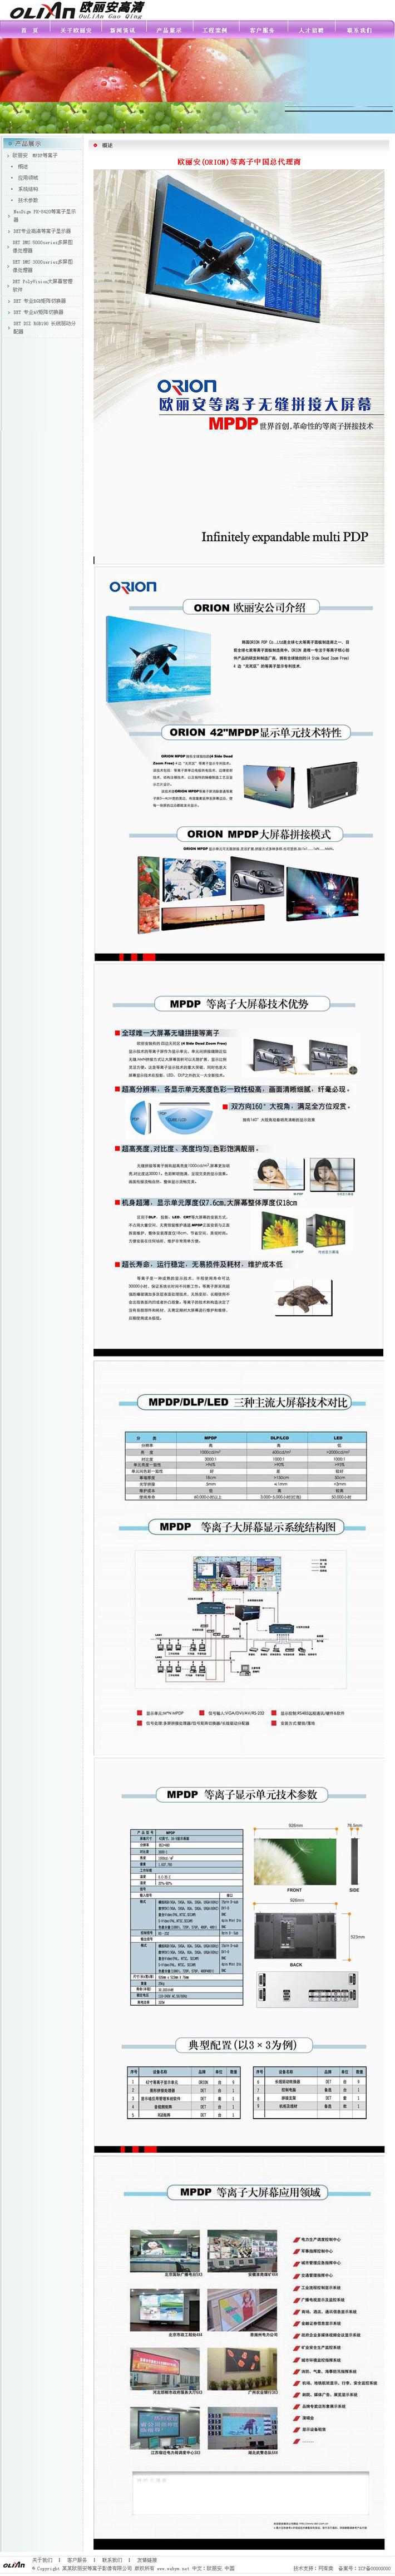 广告屏幕网站模板